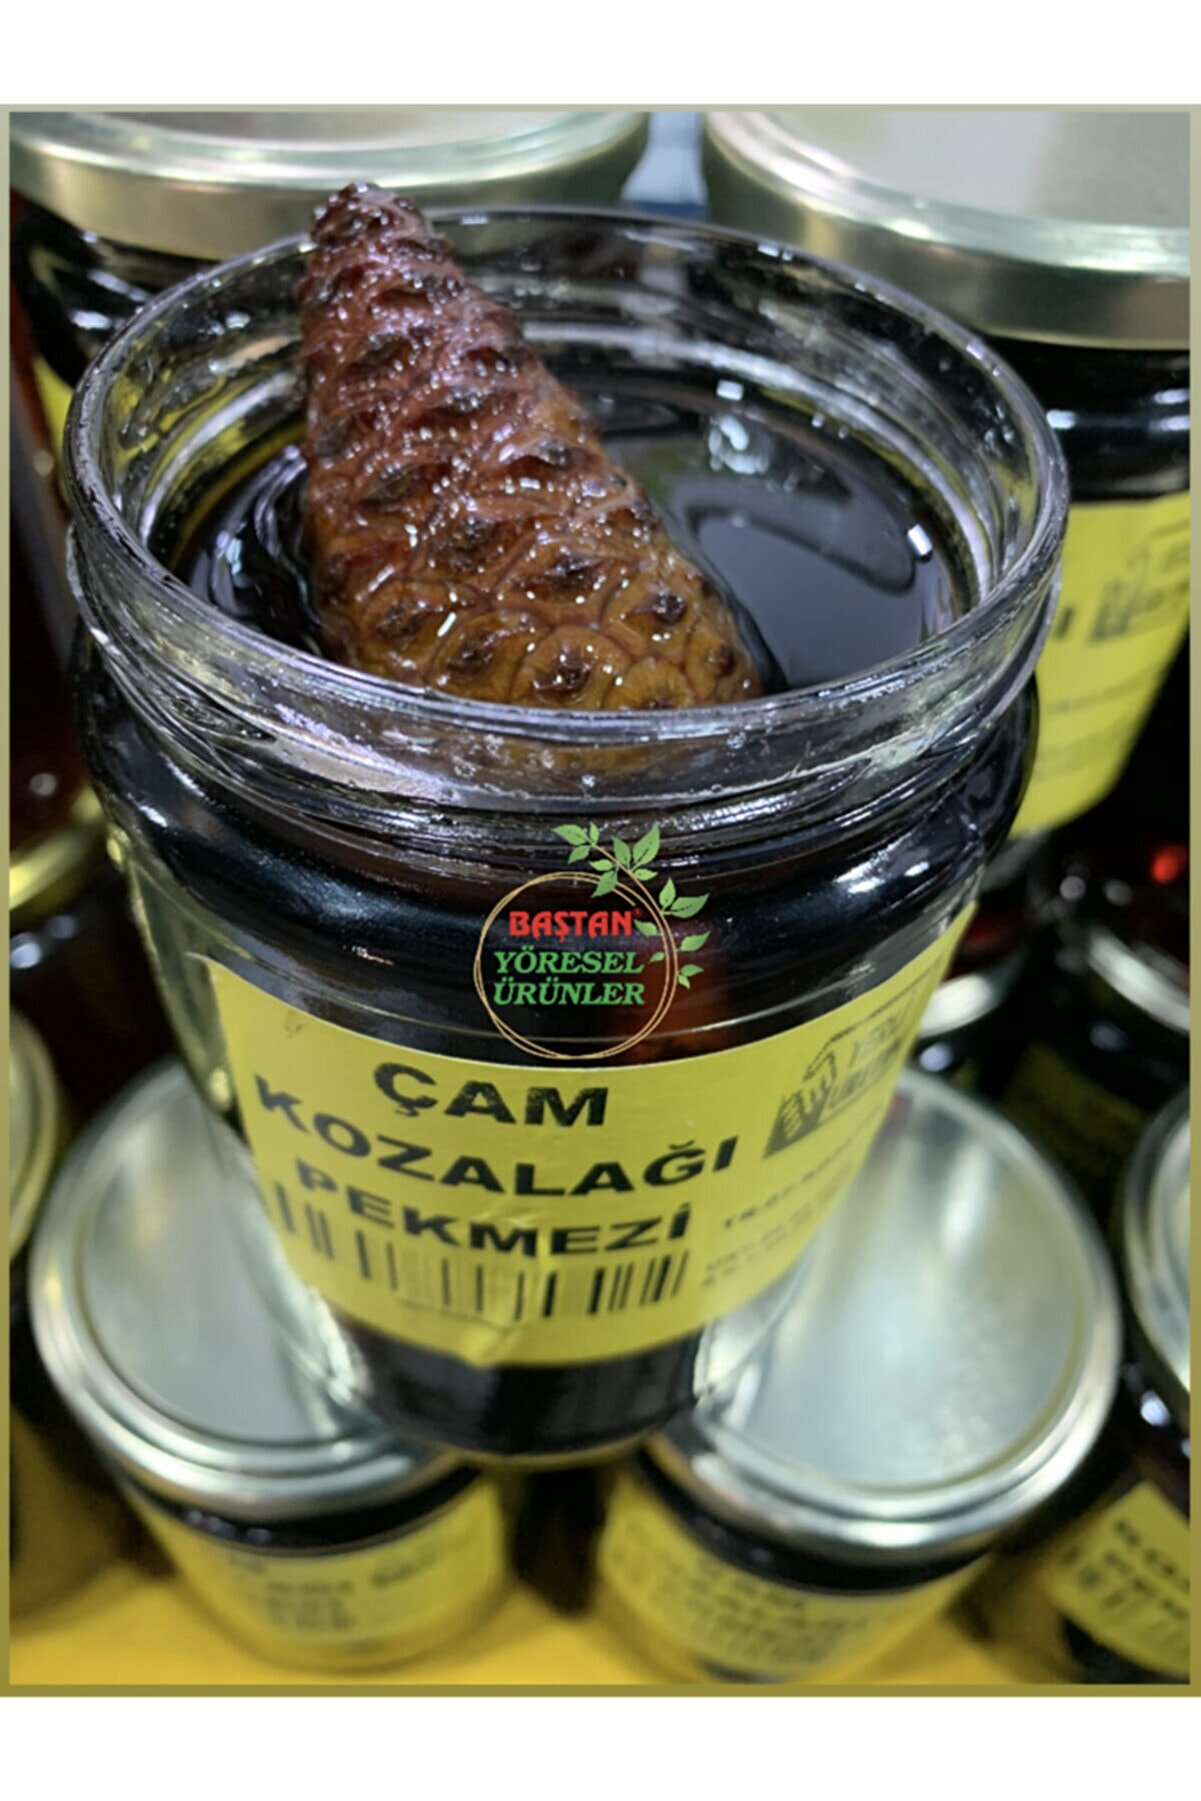 Baştan Yöresel Ürünler Çam Kozalağı Pekmezi 950 gram